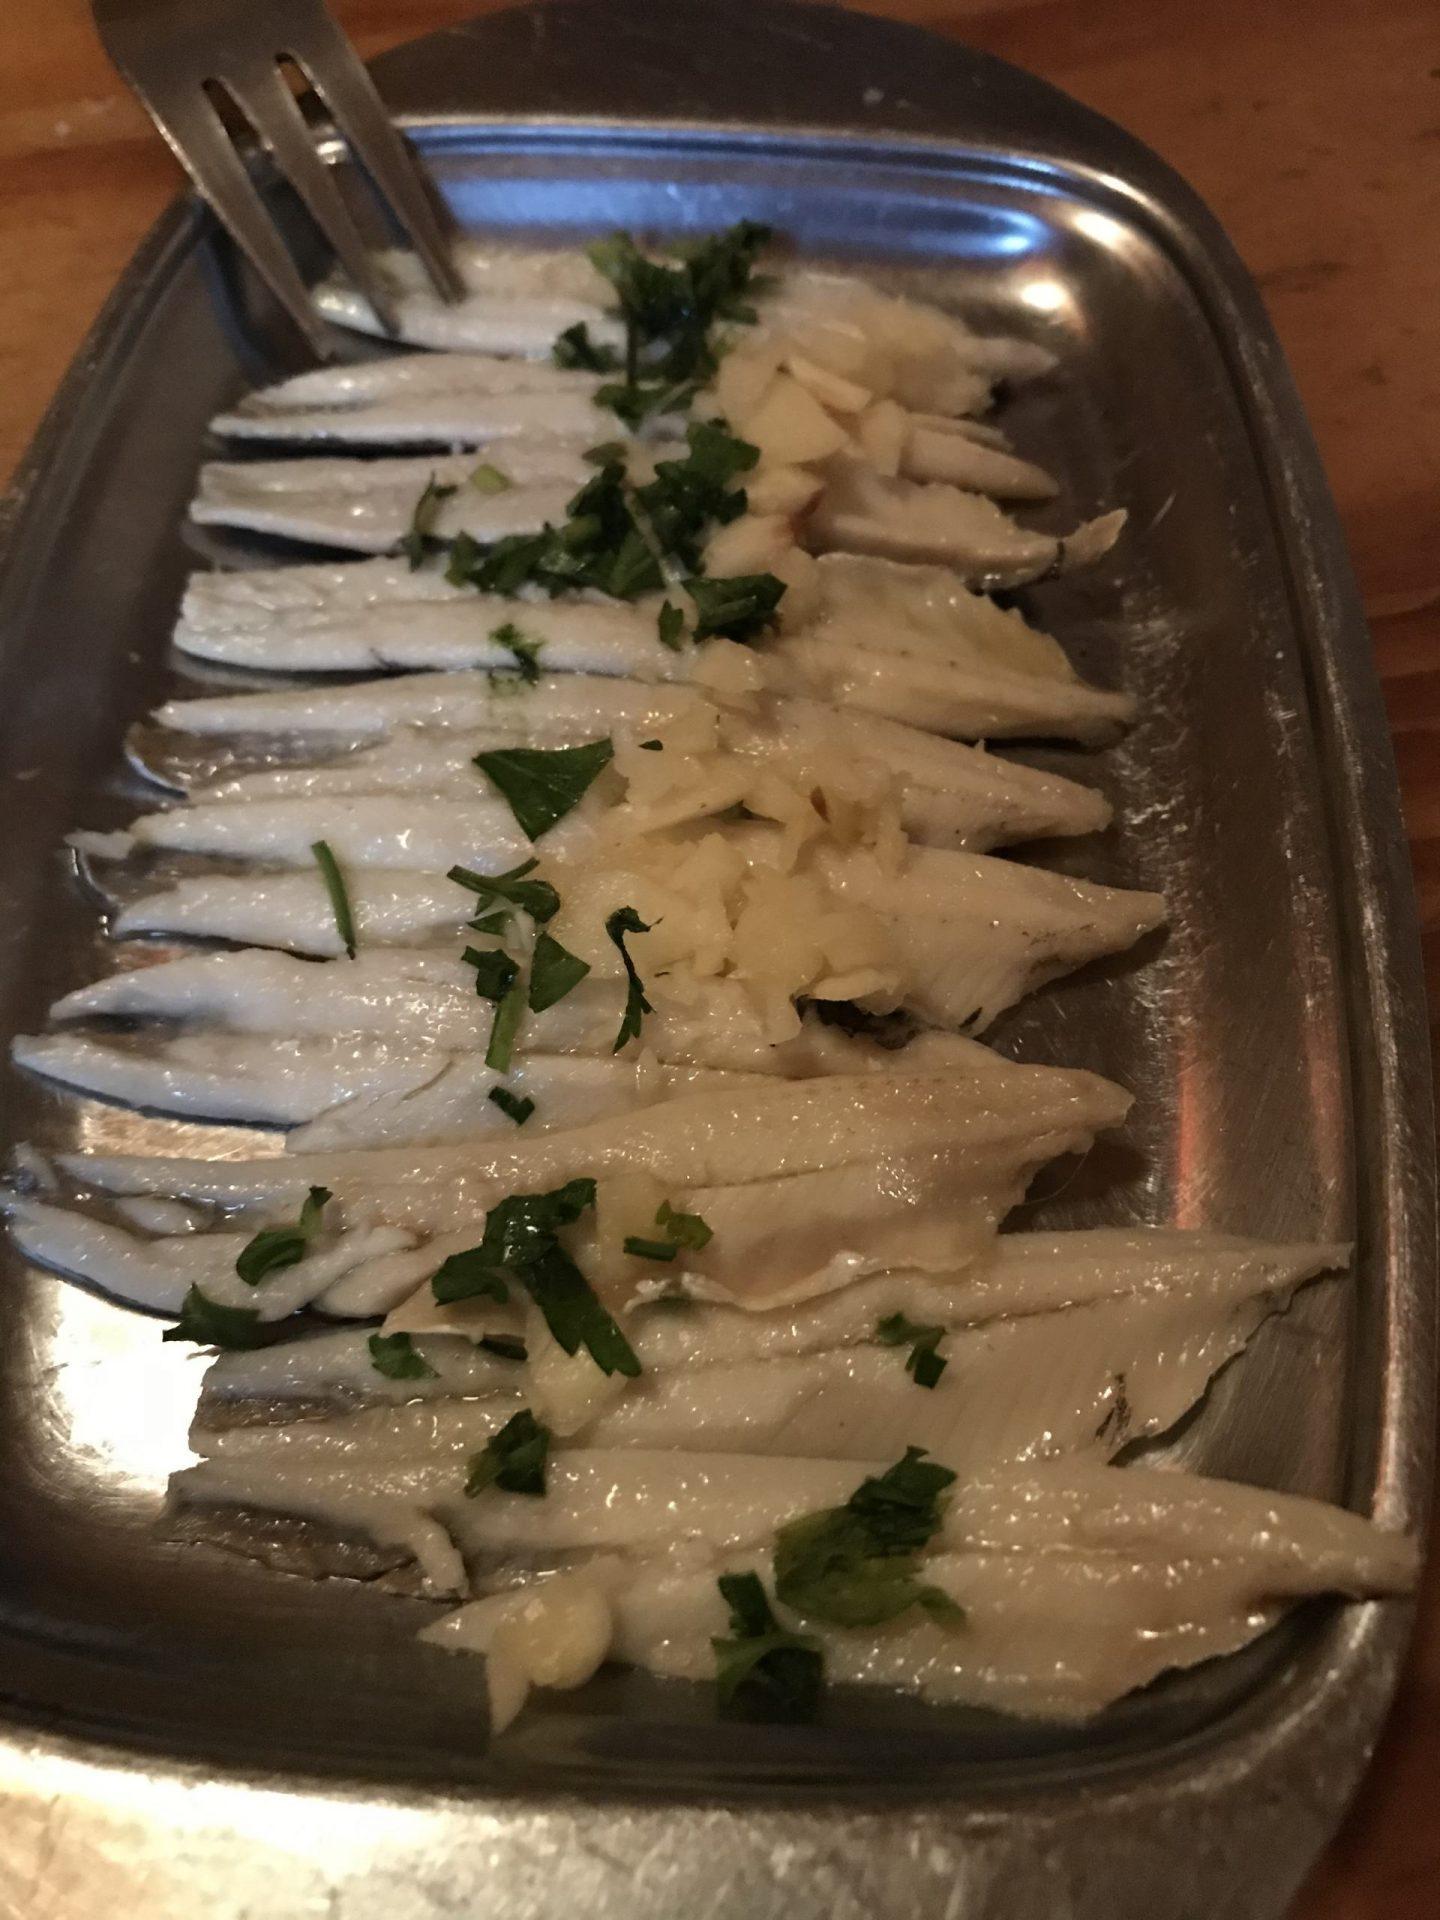 Erfahrung Bewertung Kritik Taberna Andaluza Dortmund Tapas Boquerones eingelegte Sardellen Foodblog Sternestulle